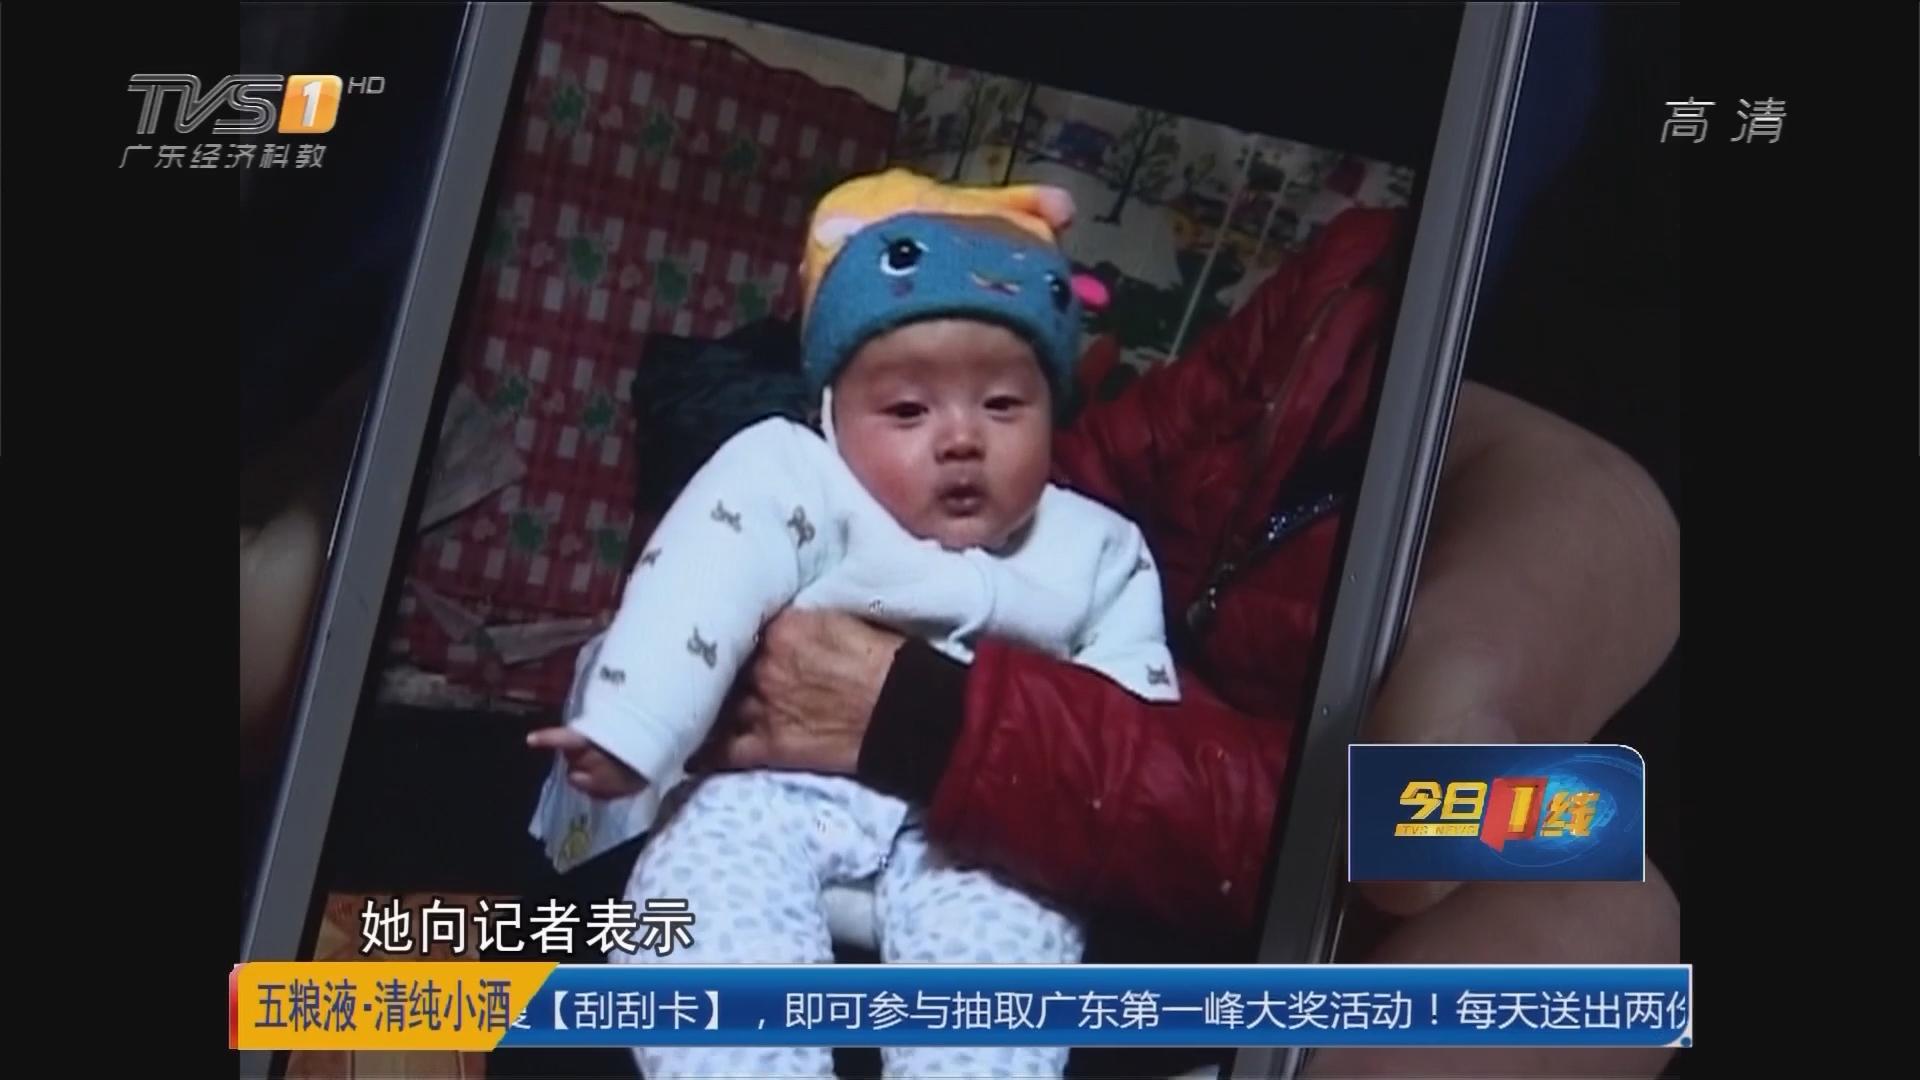 紧急寻人:潮州 老乡伸黑手 半岁男婴被抱走